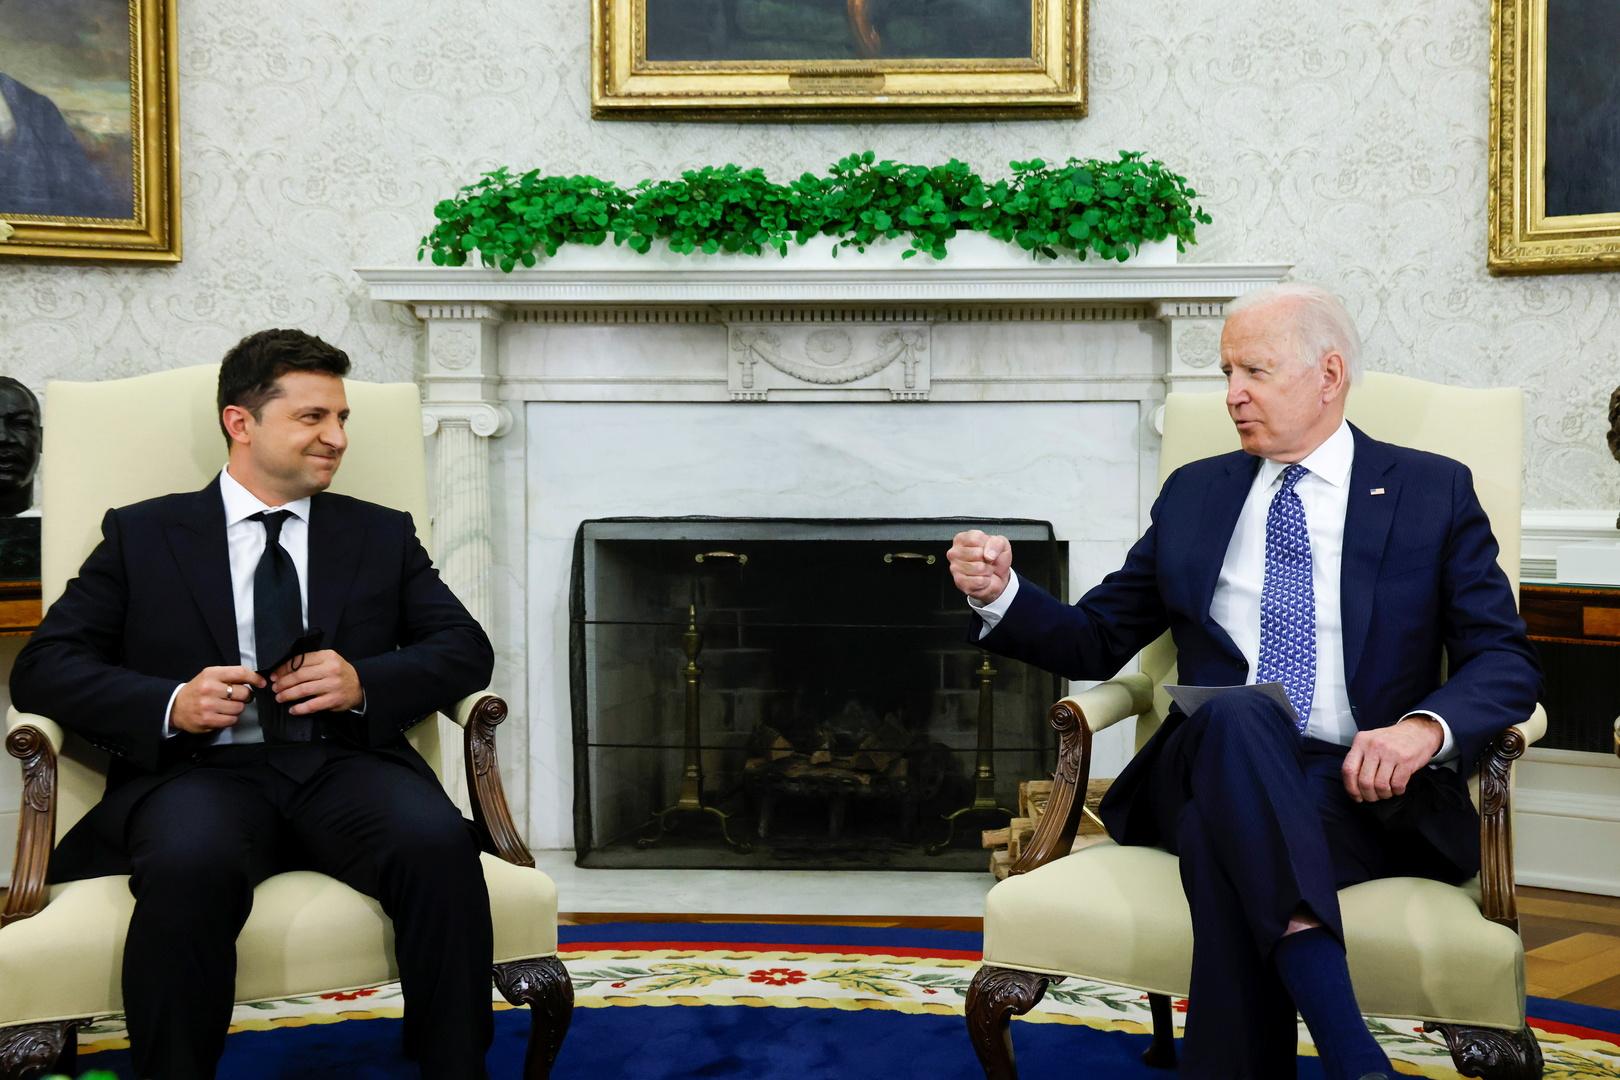 بايدن يؤكد لزيلينسكي الدعم الأمريكي لأوكرانيا